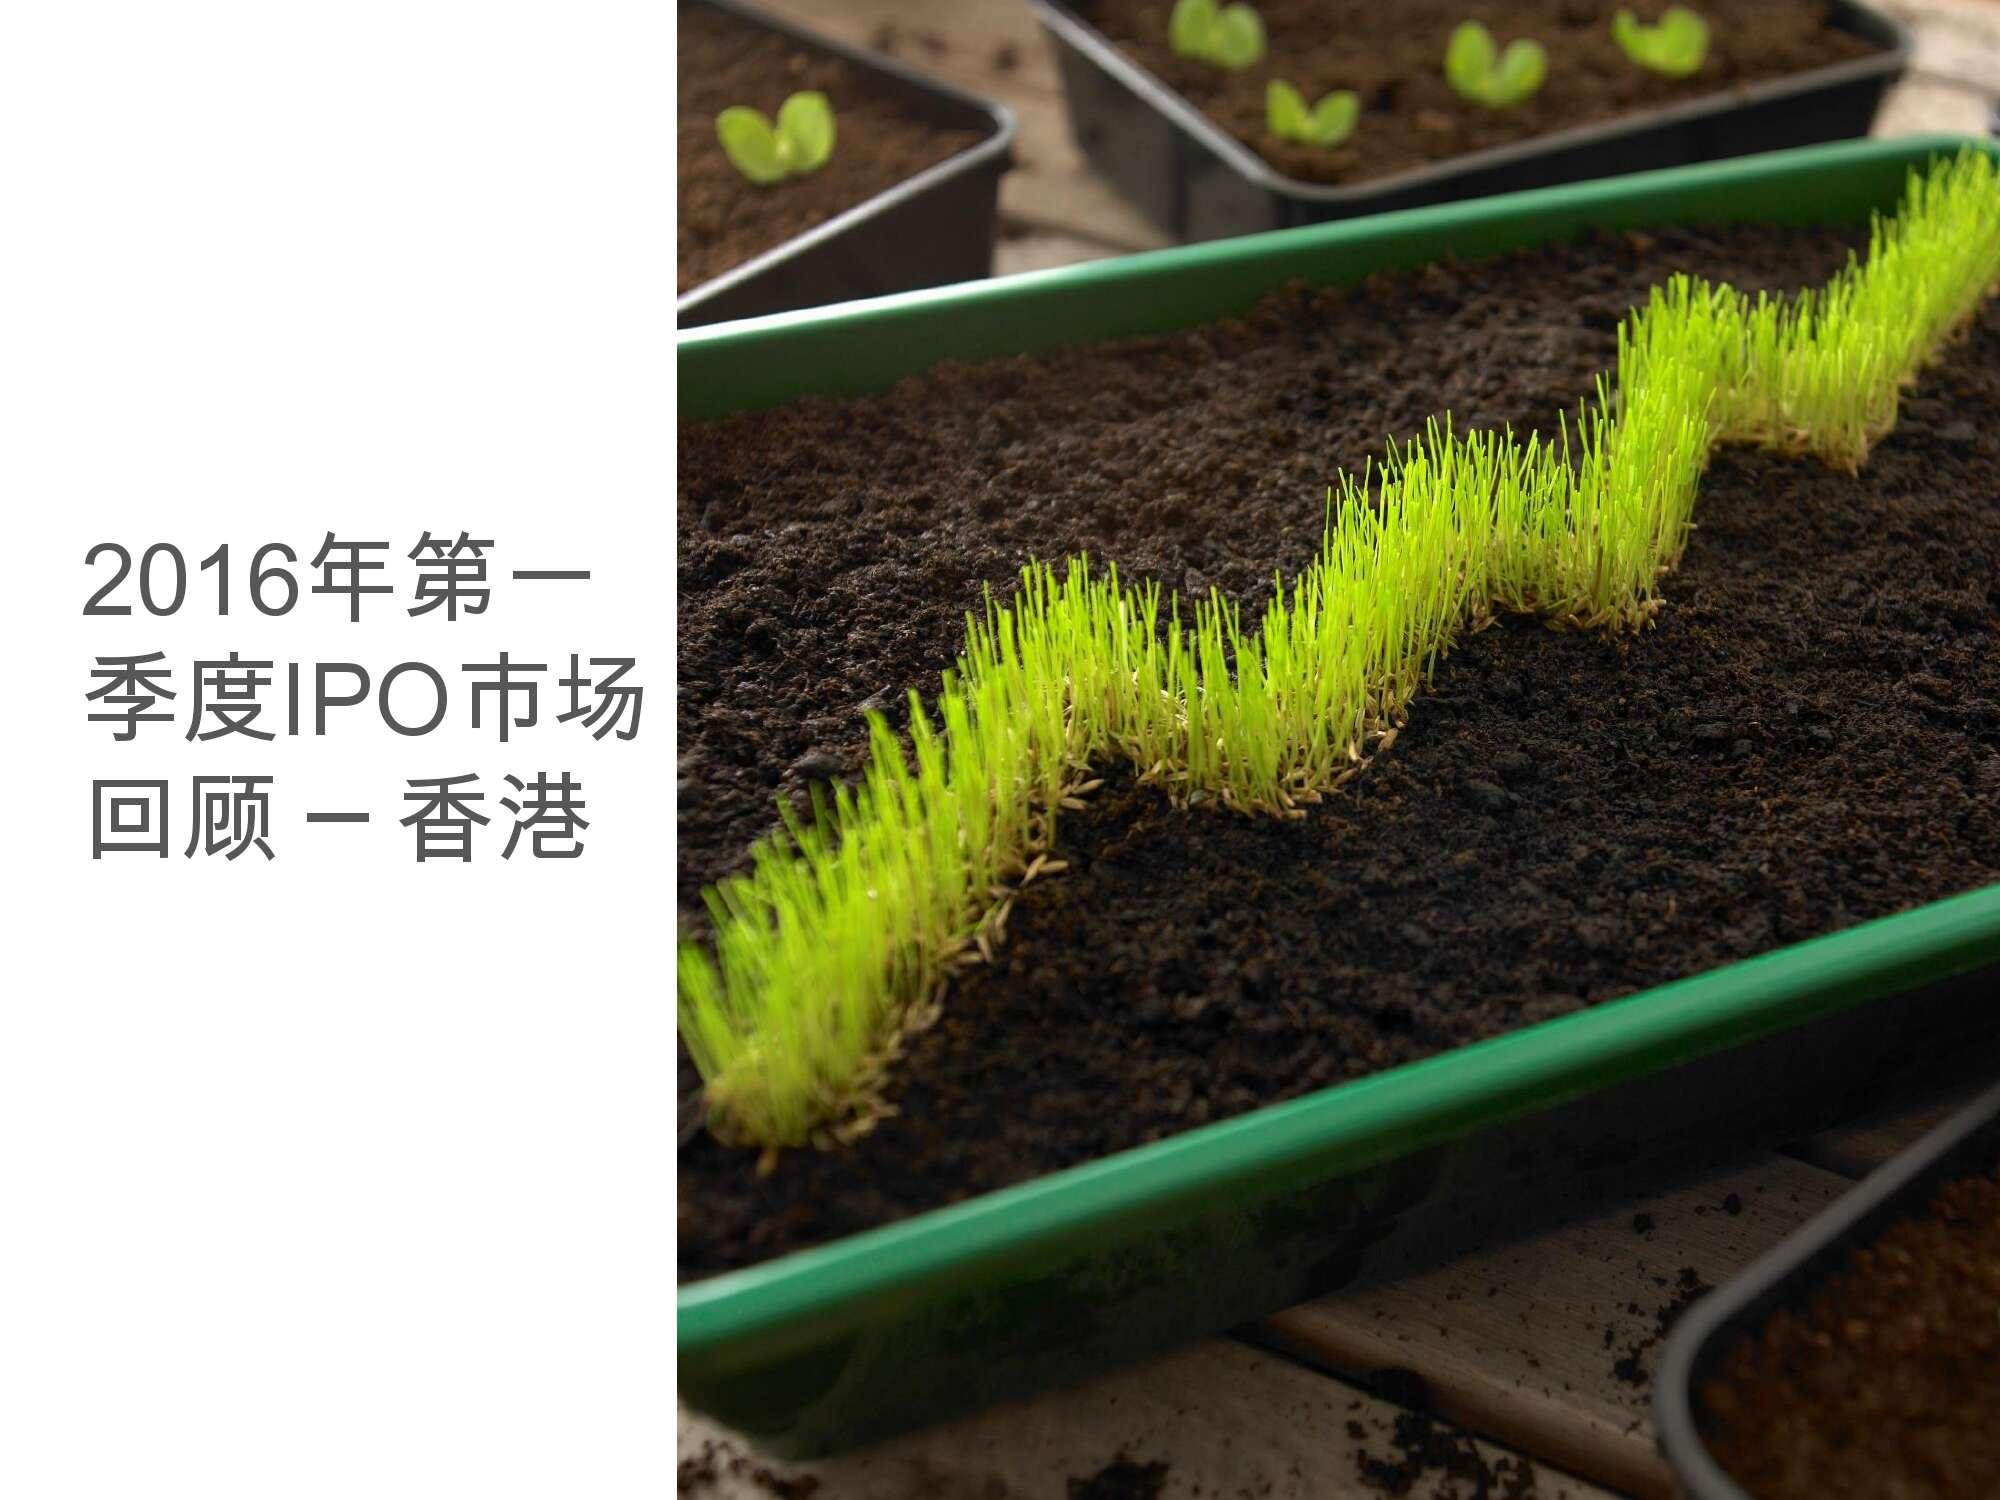 香港及中国大陆IPO市场2016年1季度_000003